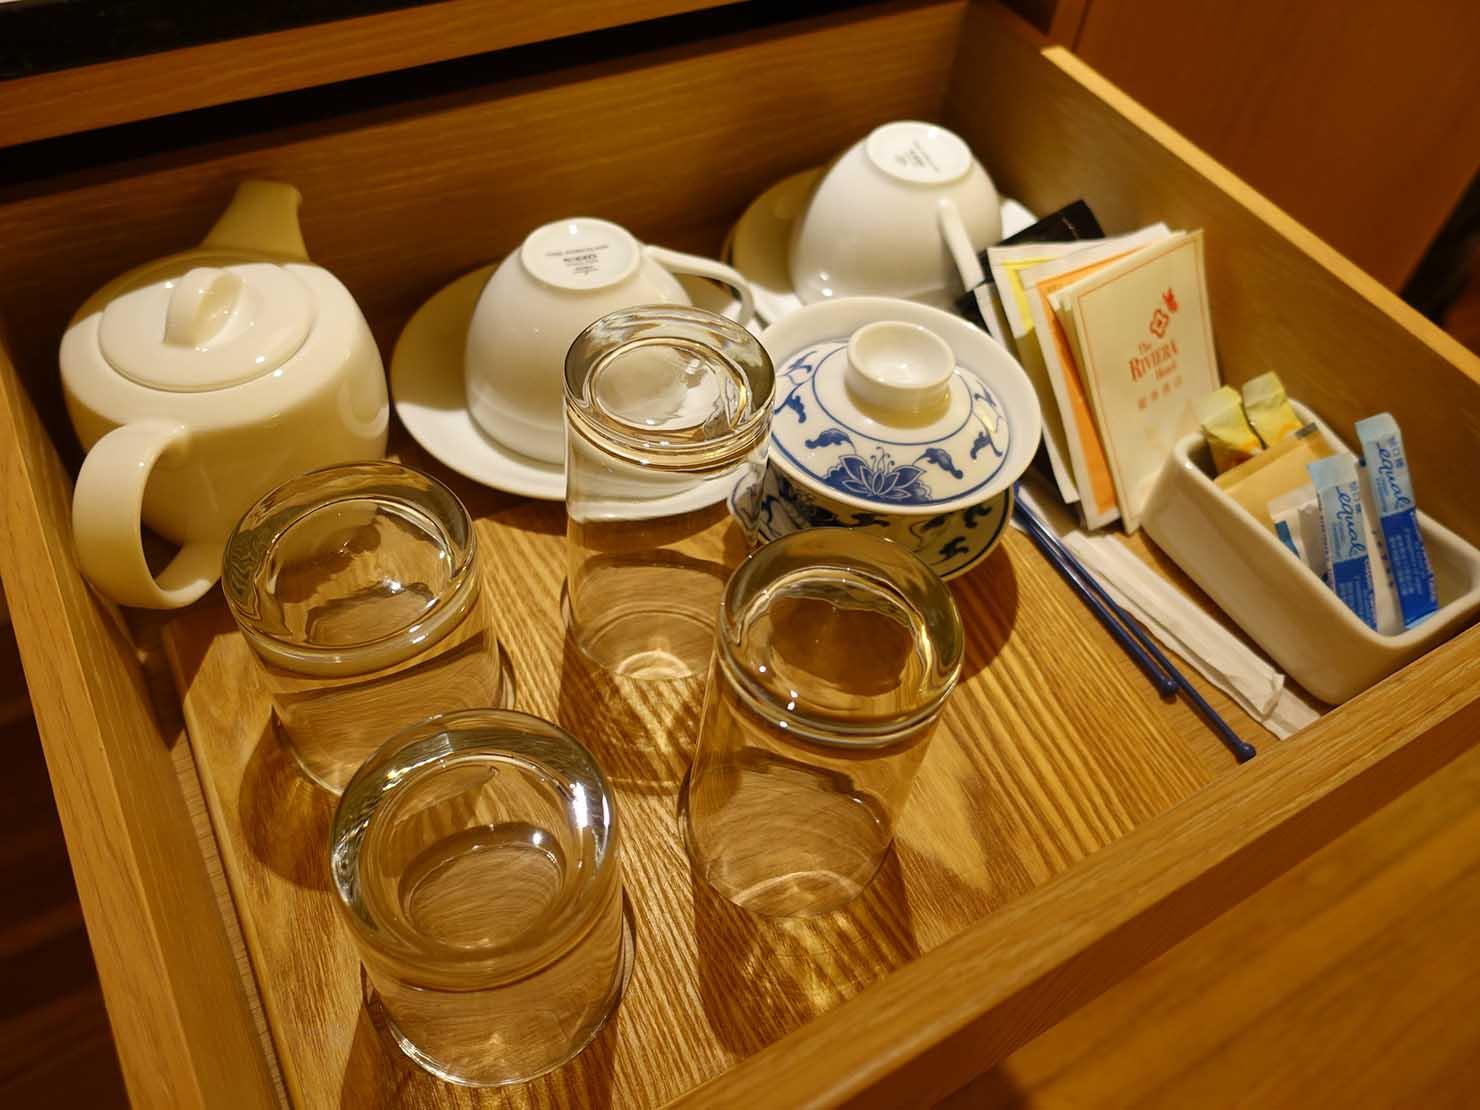 台北のおすすめ4つ星ホテル「歐華酒店(リビエラホテル)」エグゼクティブダブルルーム備え付けのコップ類